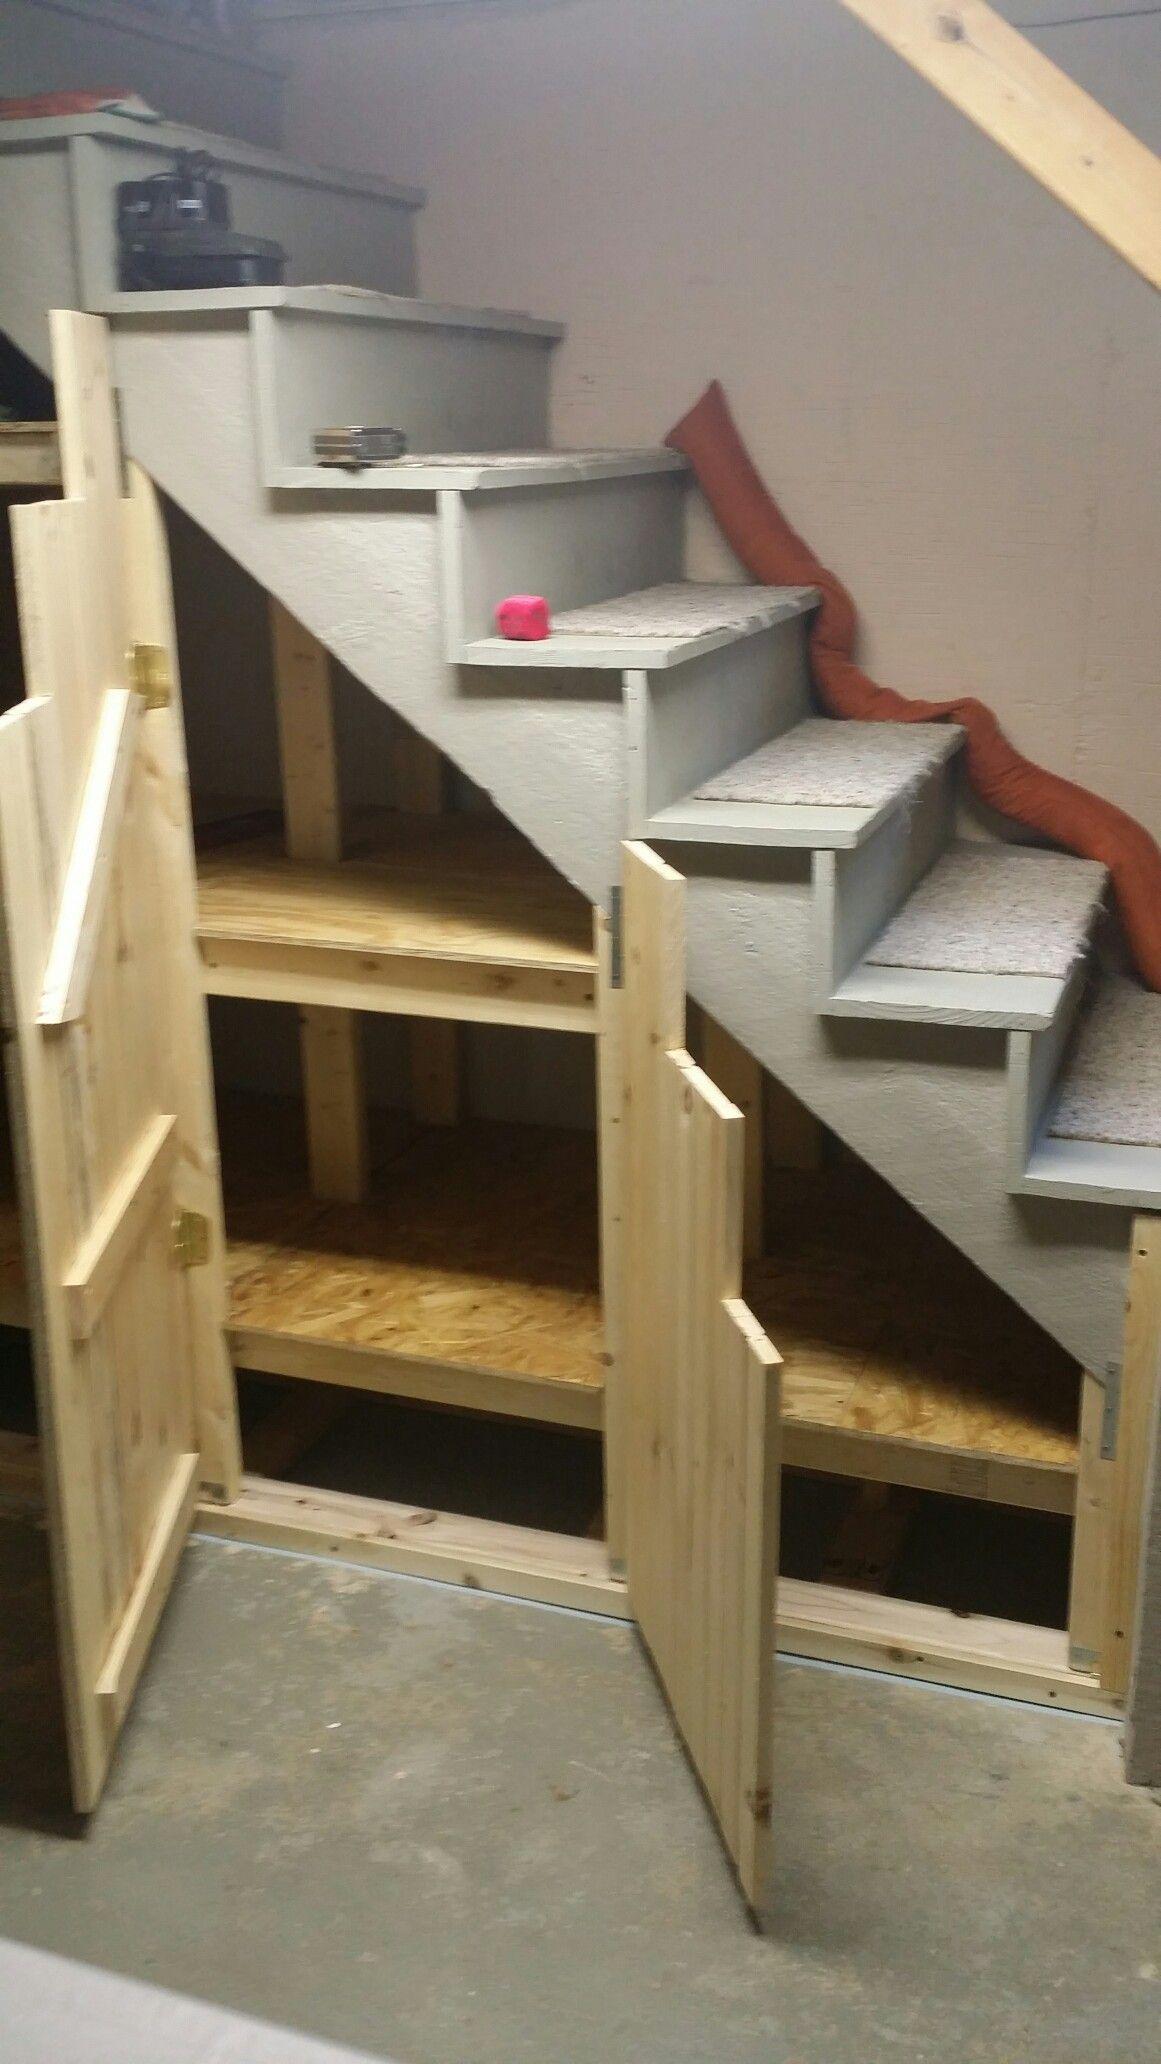 Best Storage Under The Basement Stairs Understairs Storage 400 x 300